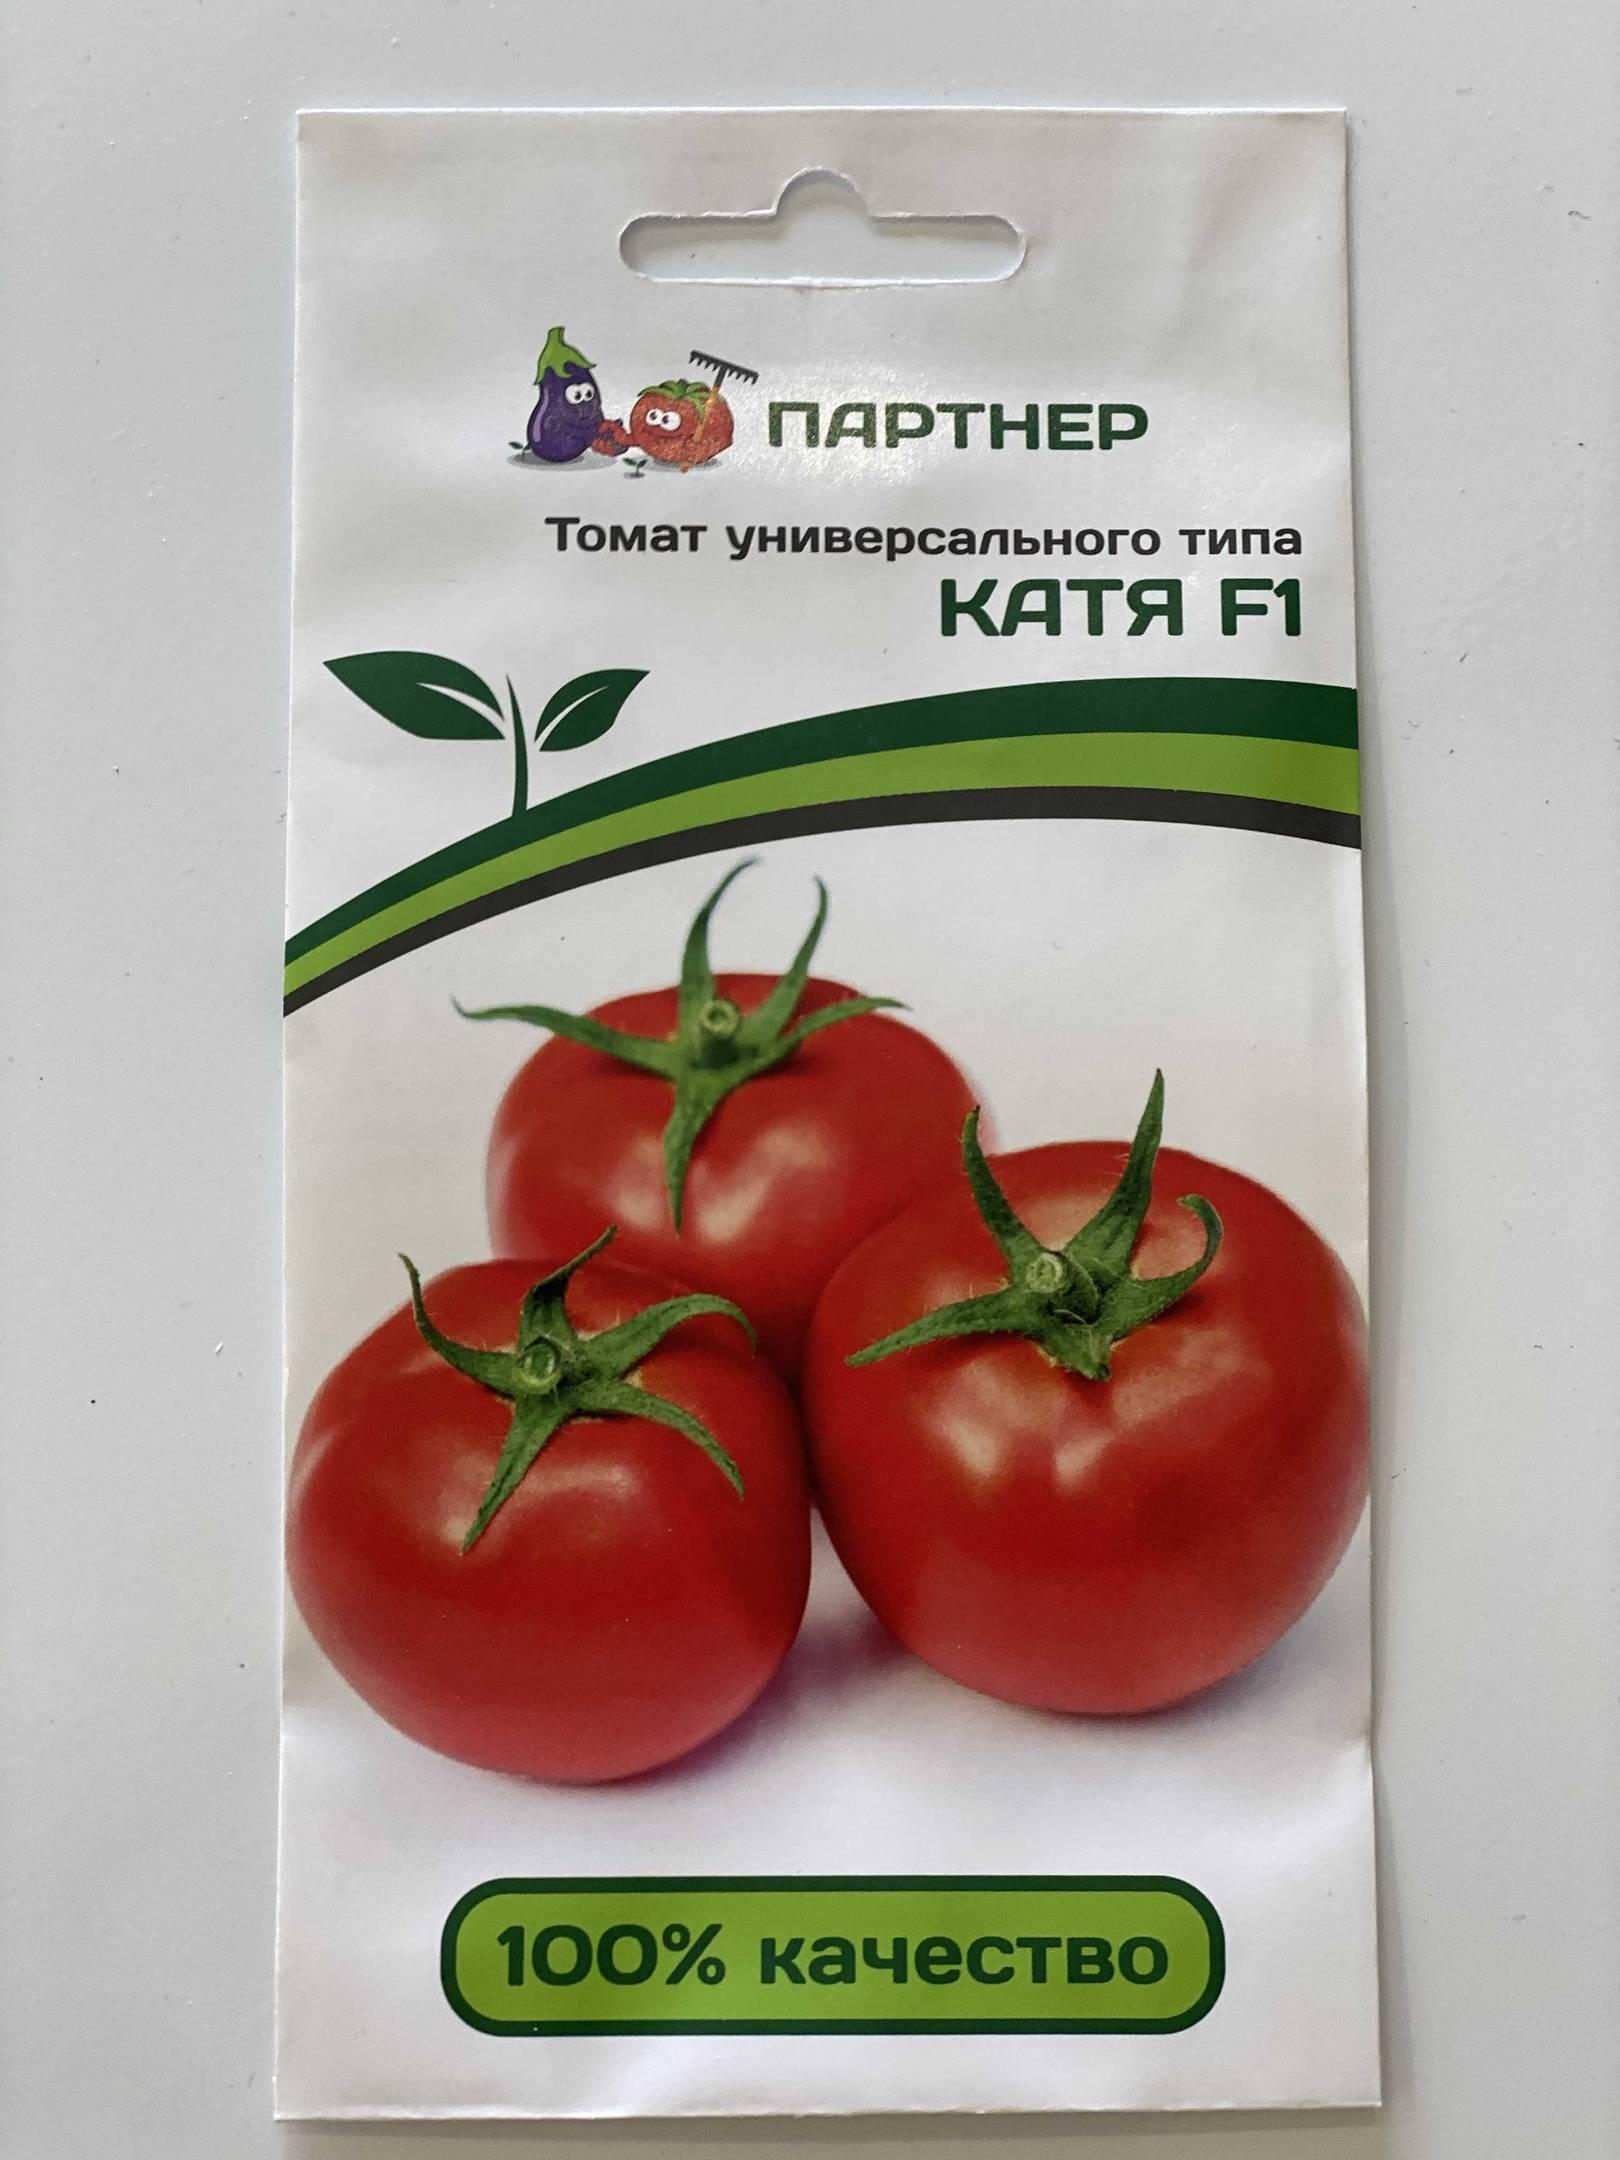 """Томат """"катя f1"""": характеристика и описание сорта помидор, отзывы об урожайности и фото, розовая катя"""